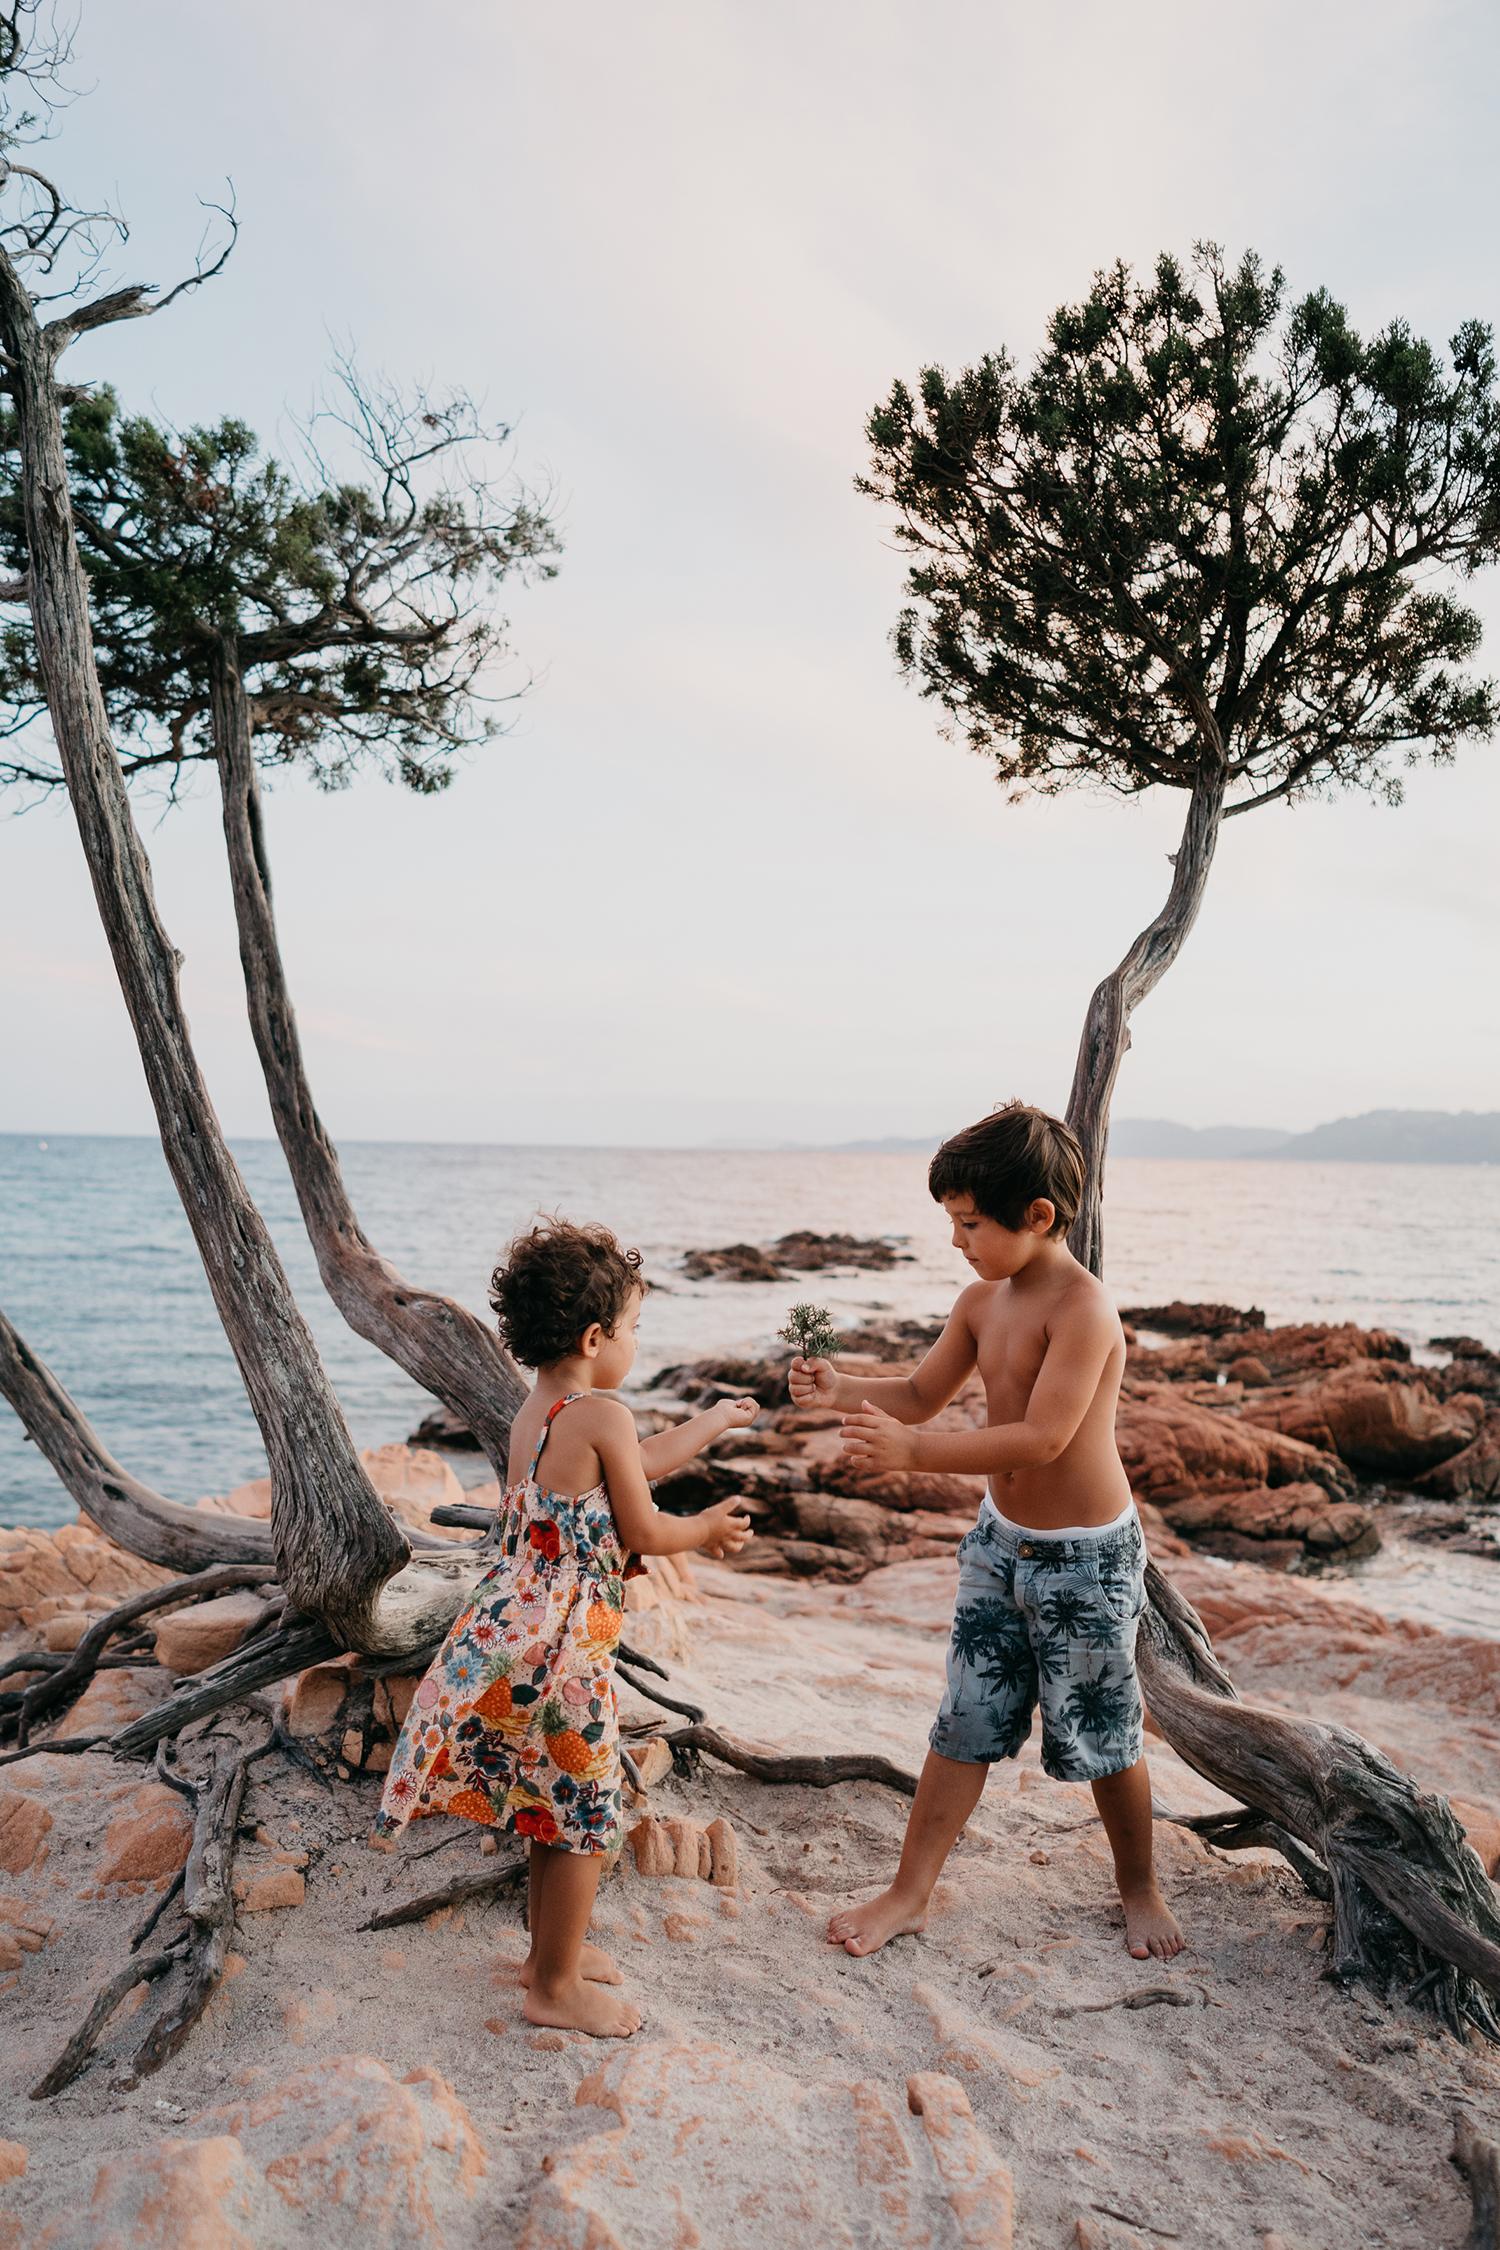 Servizio fotografico reportage di Famiglia. Fratello da fiore a sorella si roccia rosa  al tramonto. Palombaggia, Santa Giulia, Corsica. by rebecca rinaldi photography